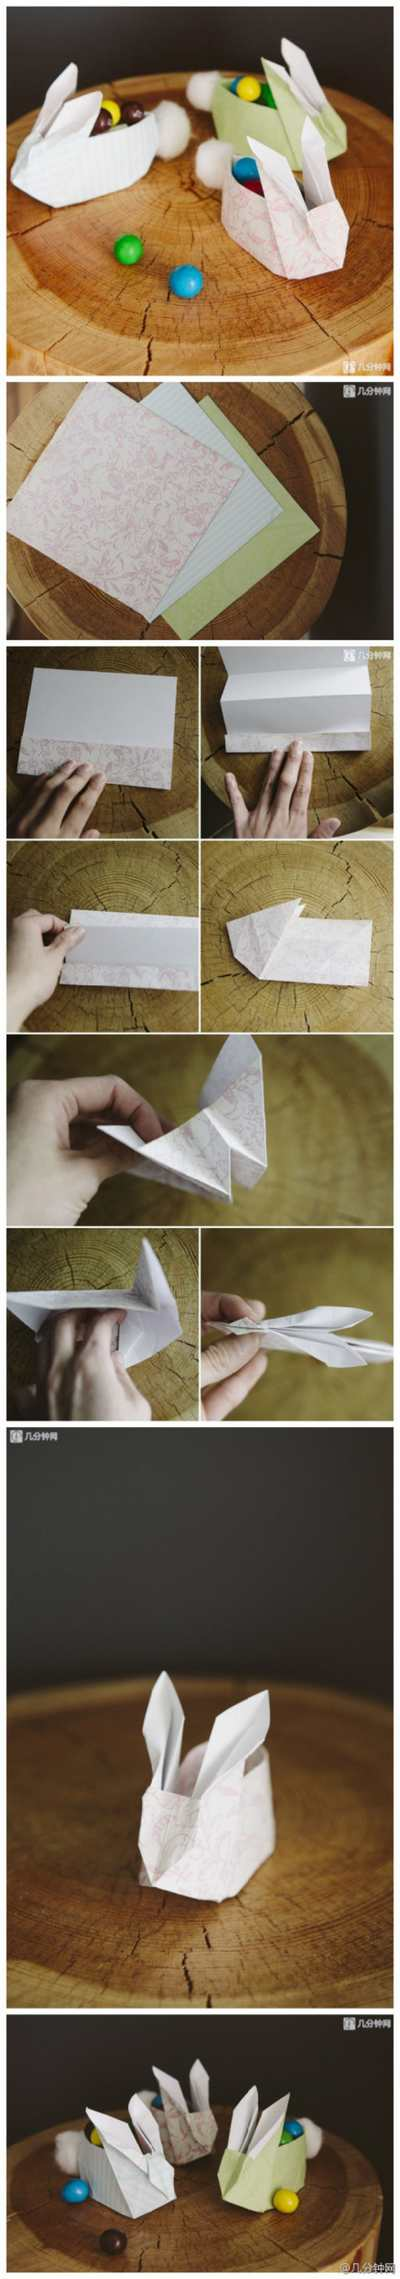 coniglietti 4 origami